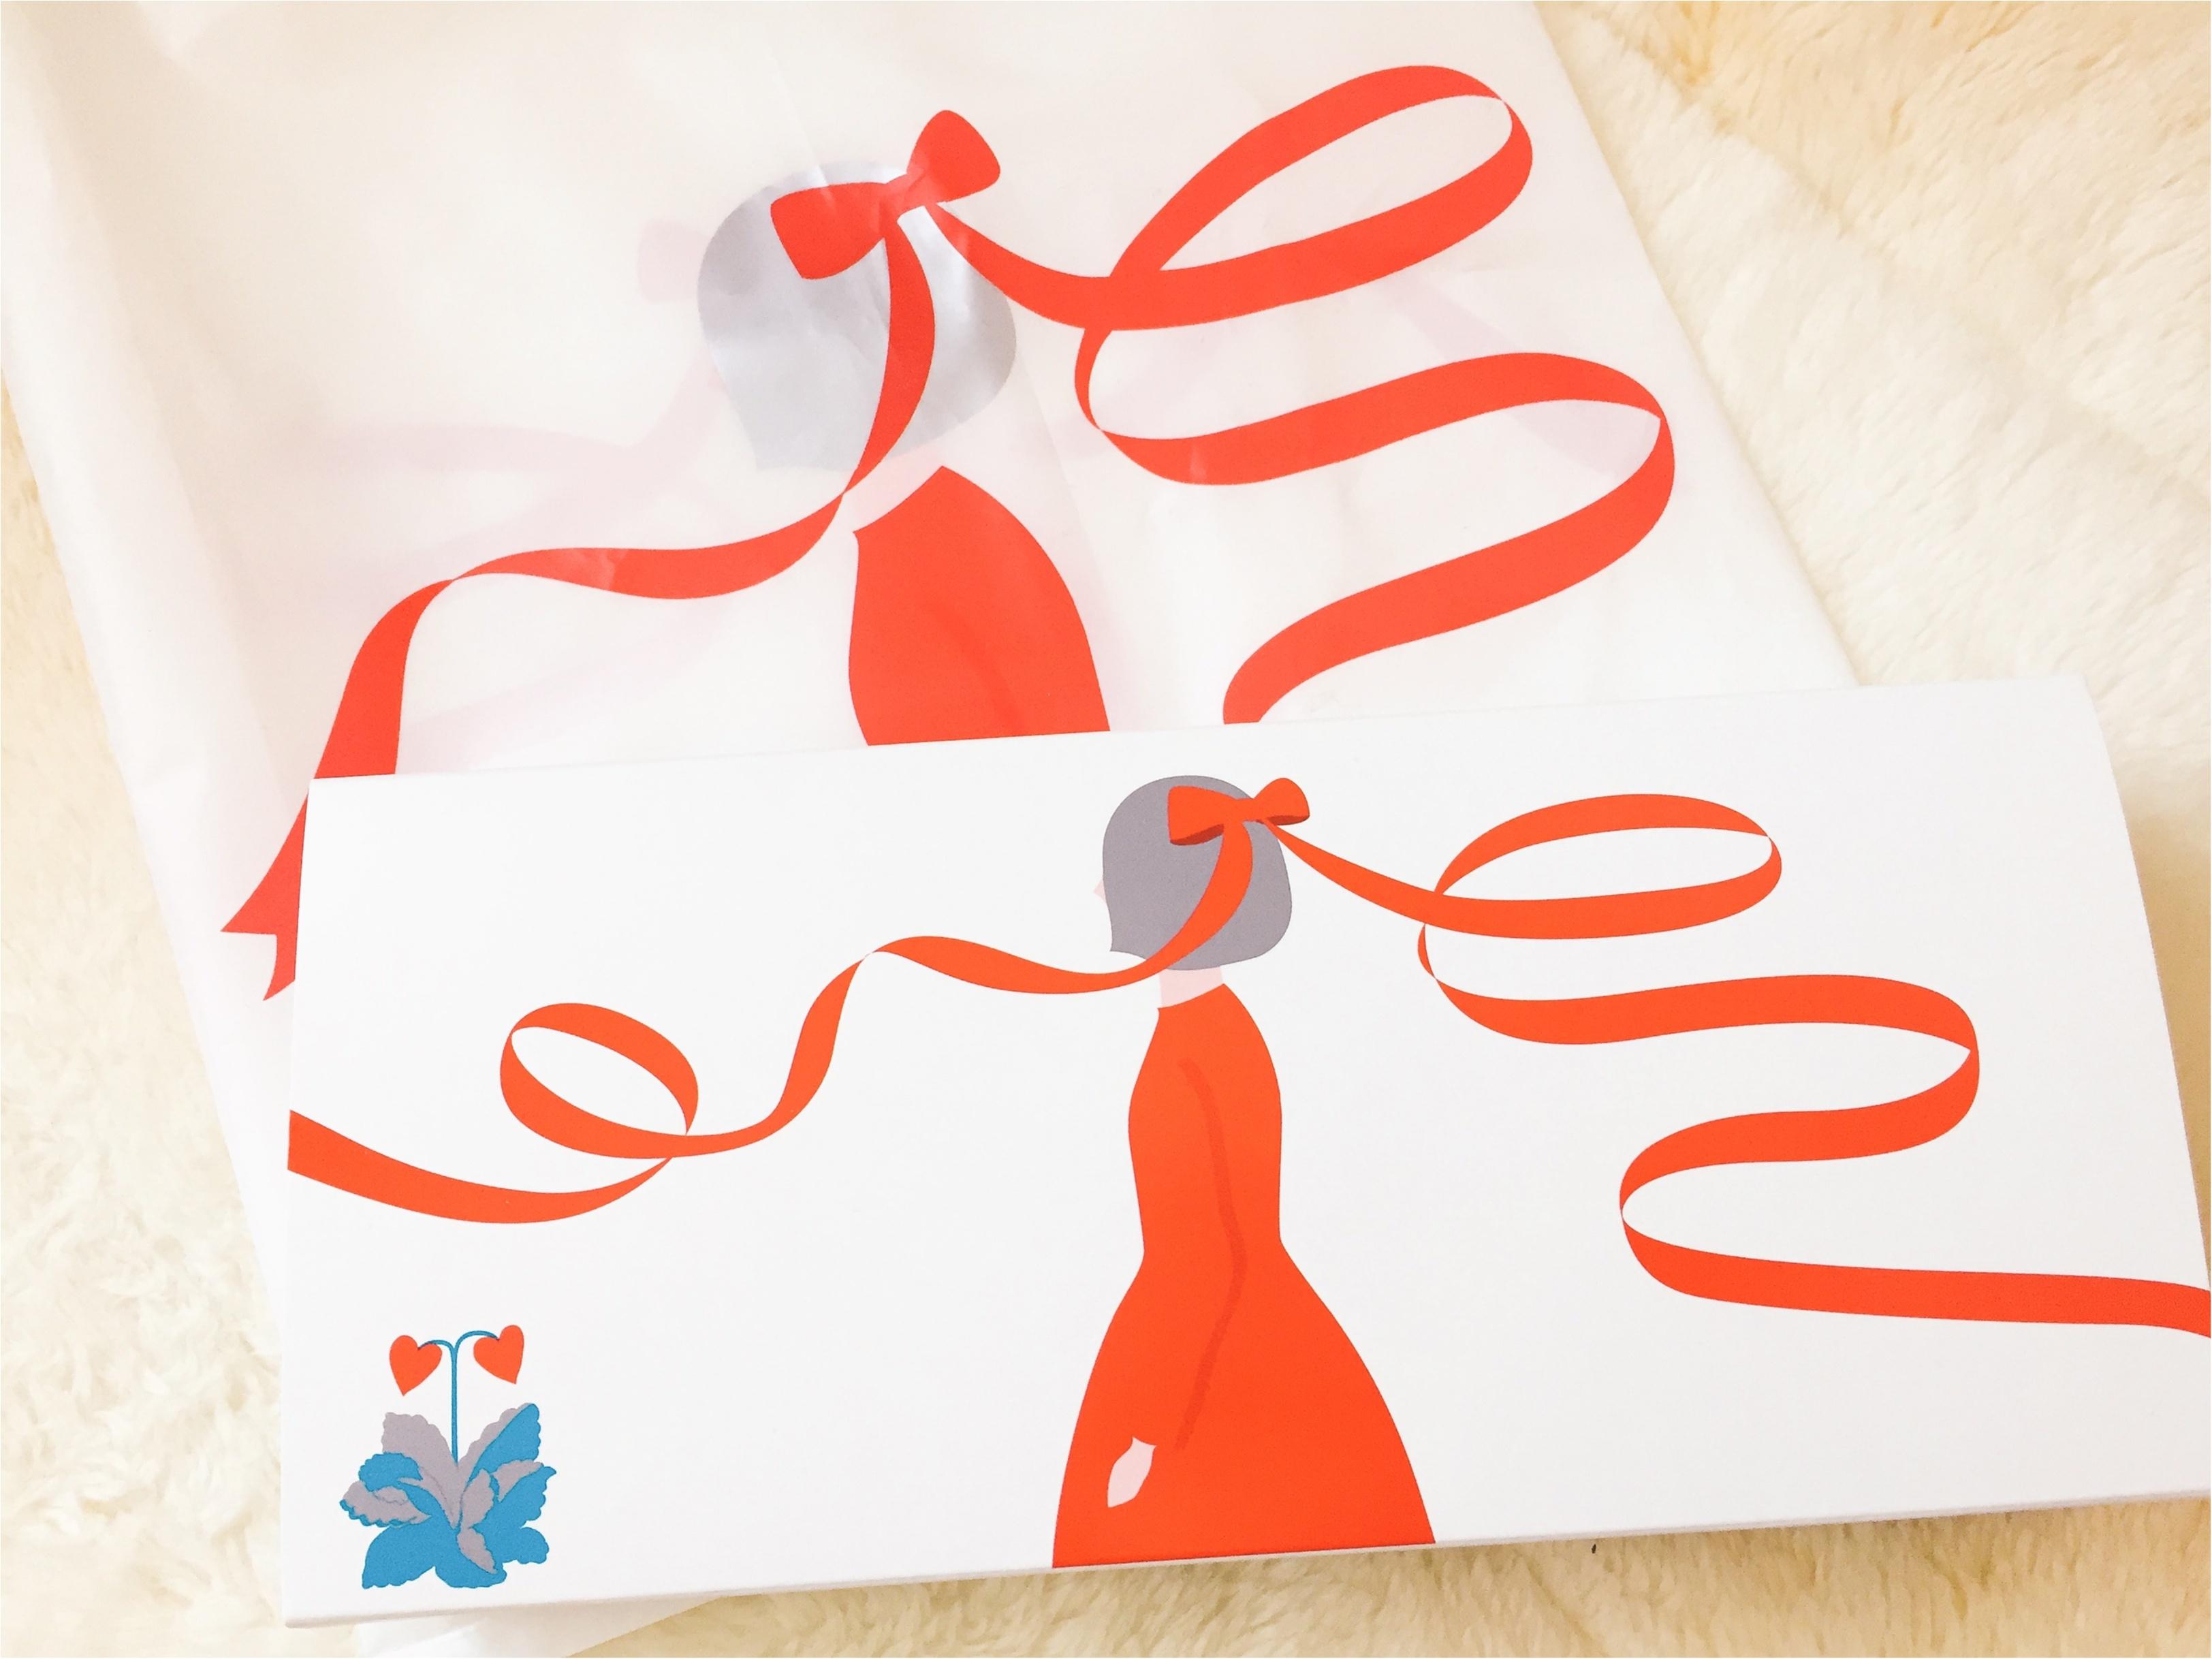 センスのよい友達から素敵なプレゼント!小さなブーケの形をした可愛い焼菓子って?_1